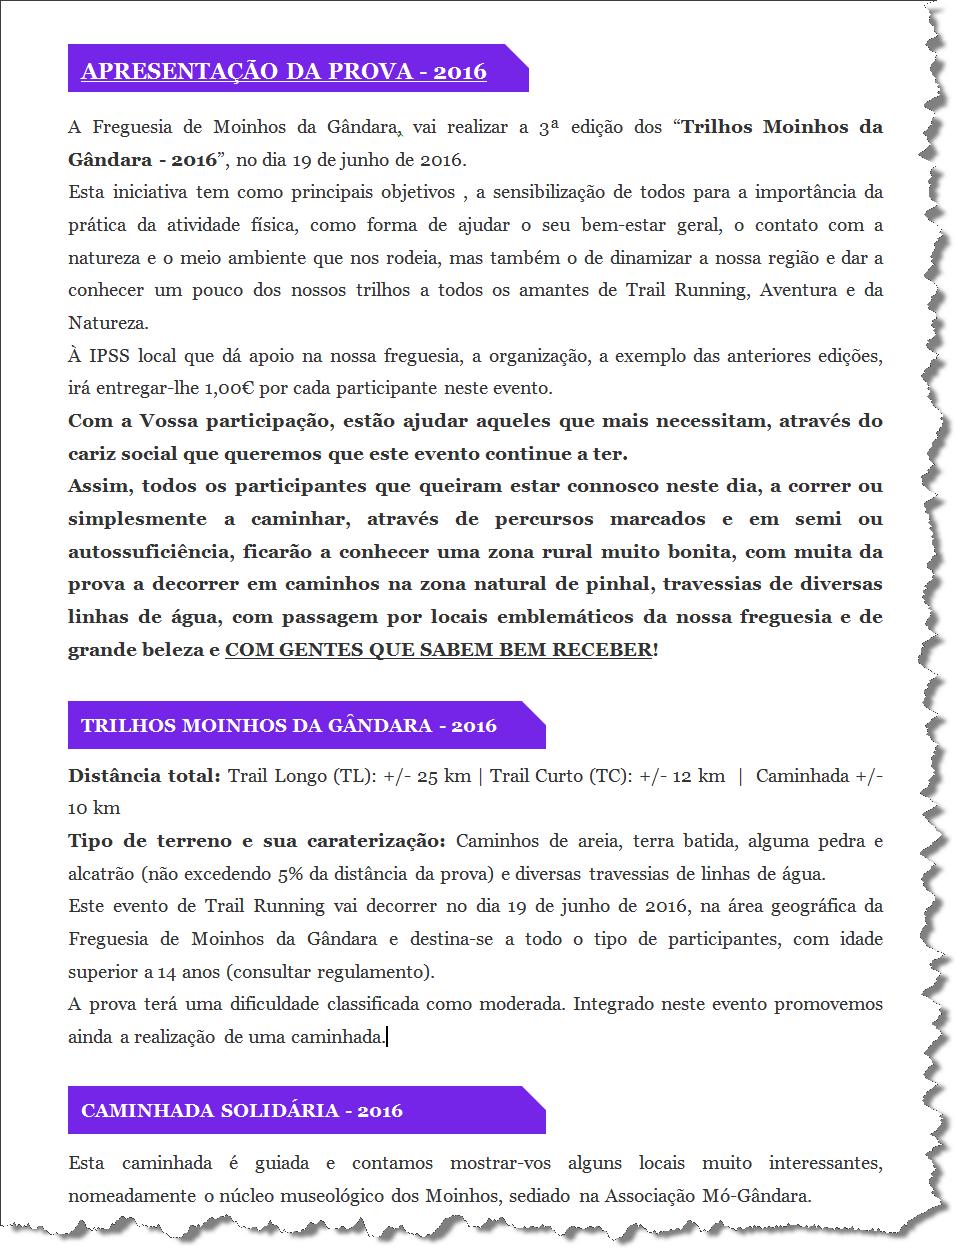 APRESENTAÇÃO DA PROVA - 2016_01